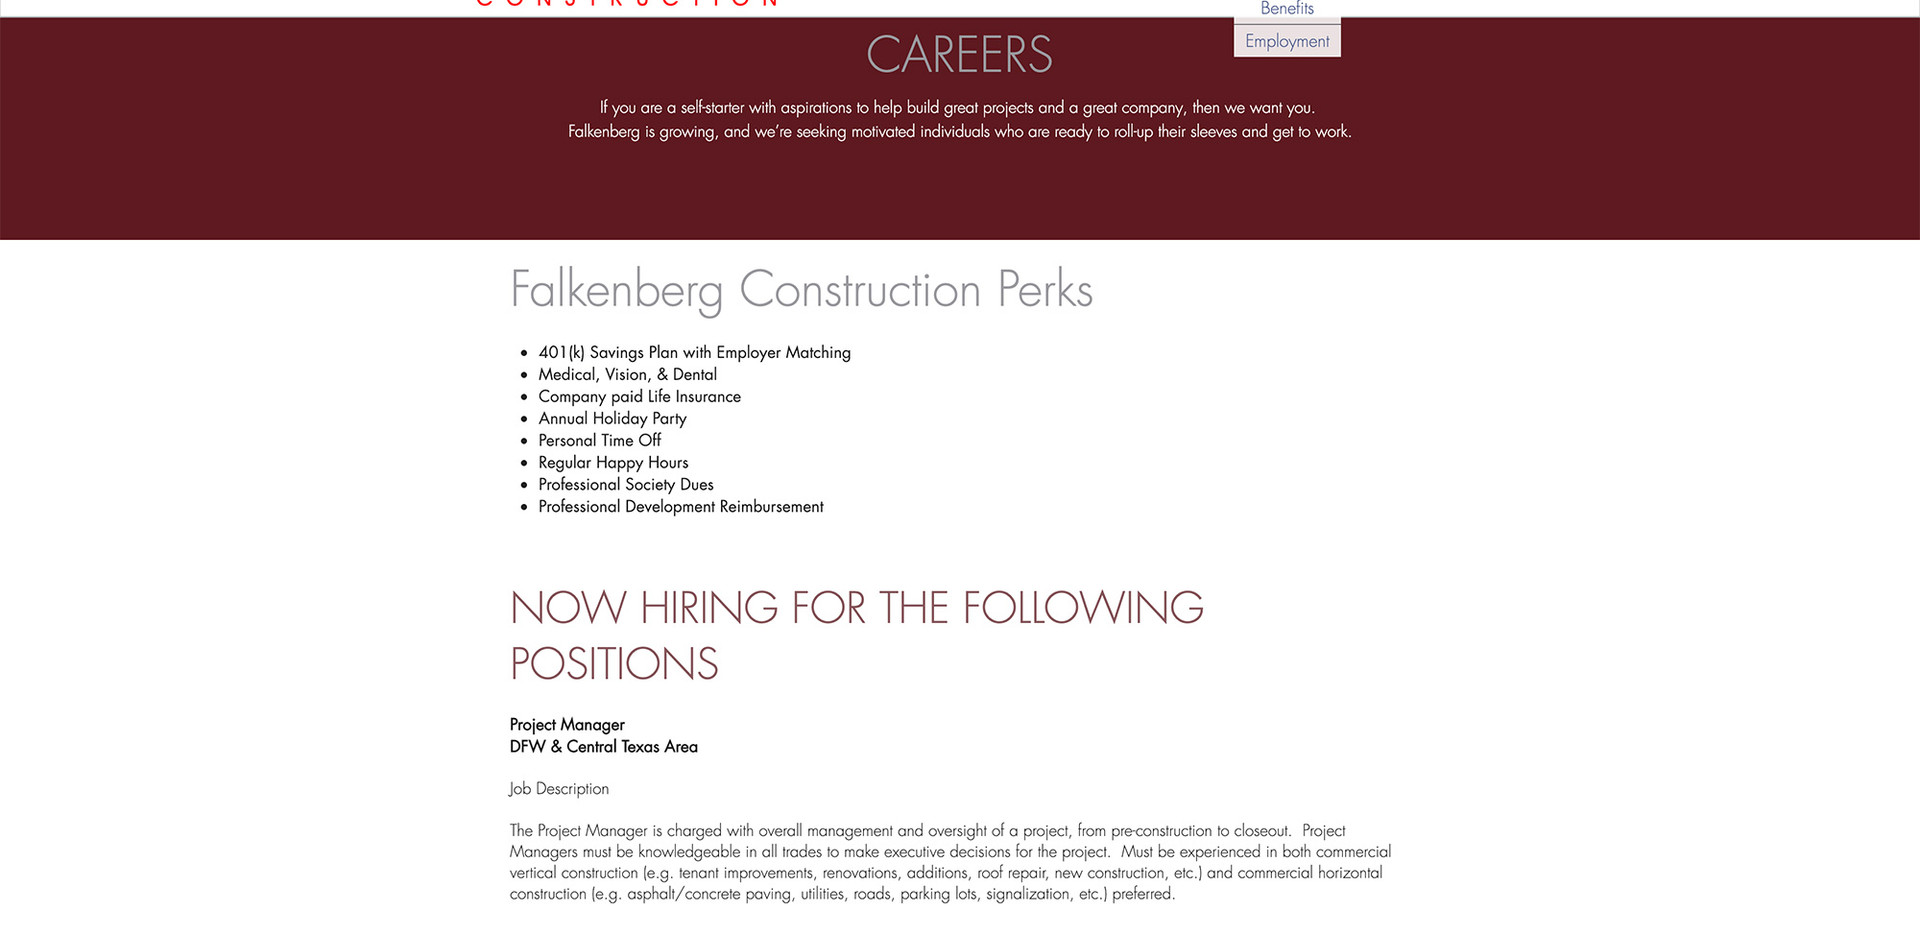 falkenberg_careers.jpg